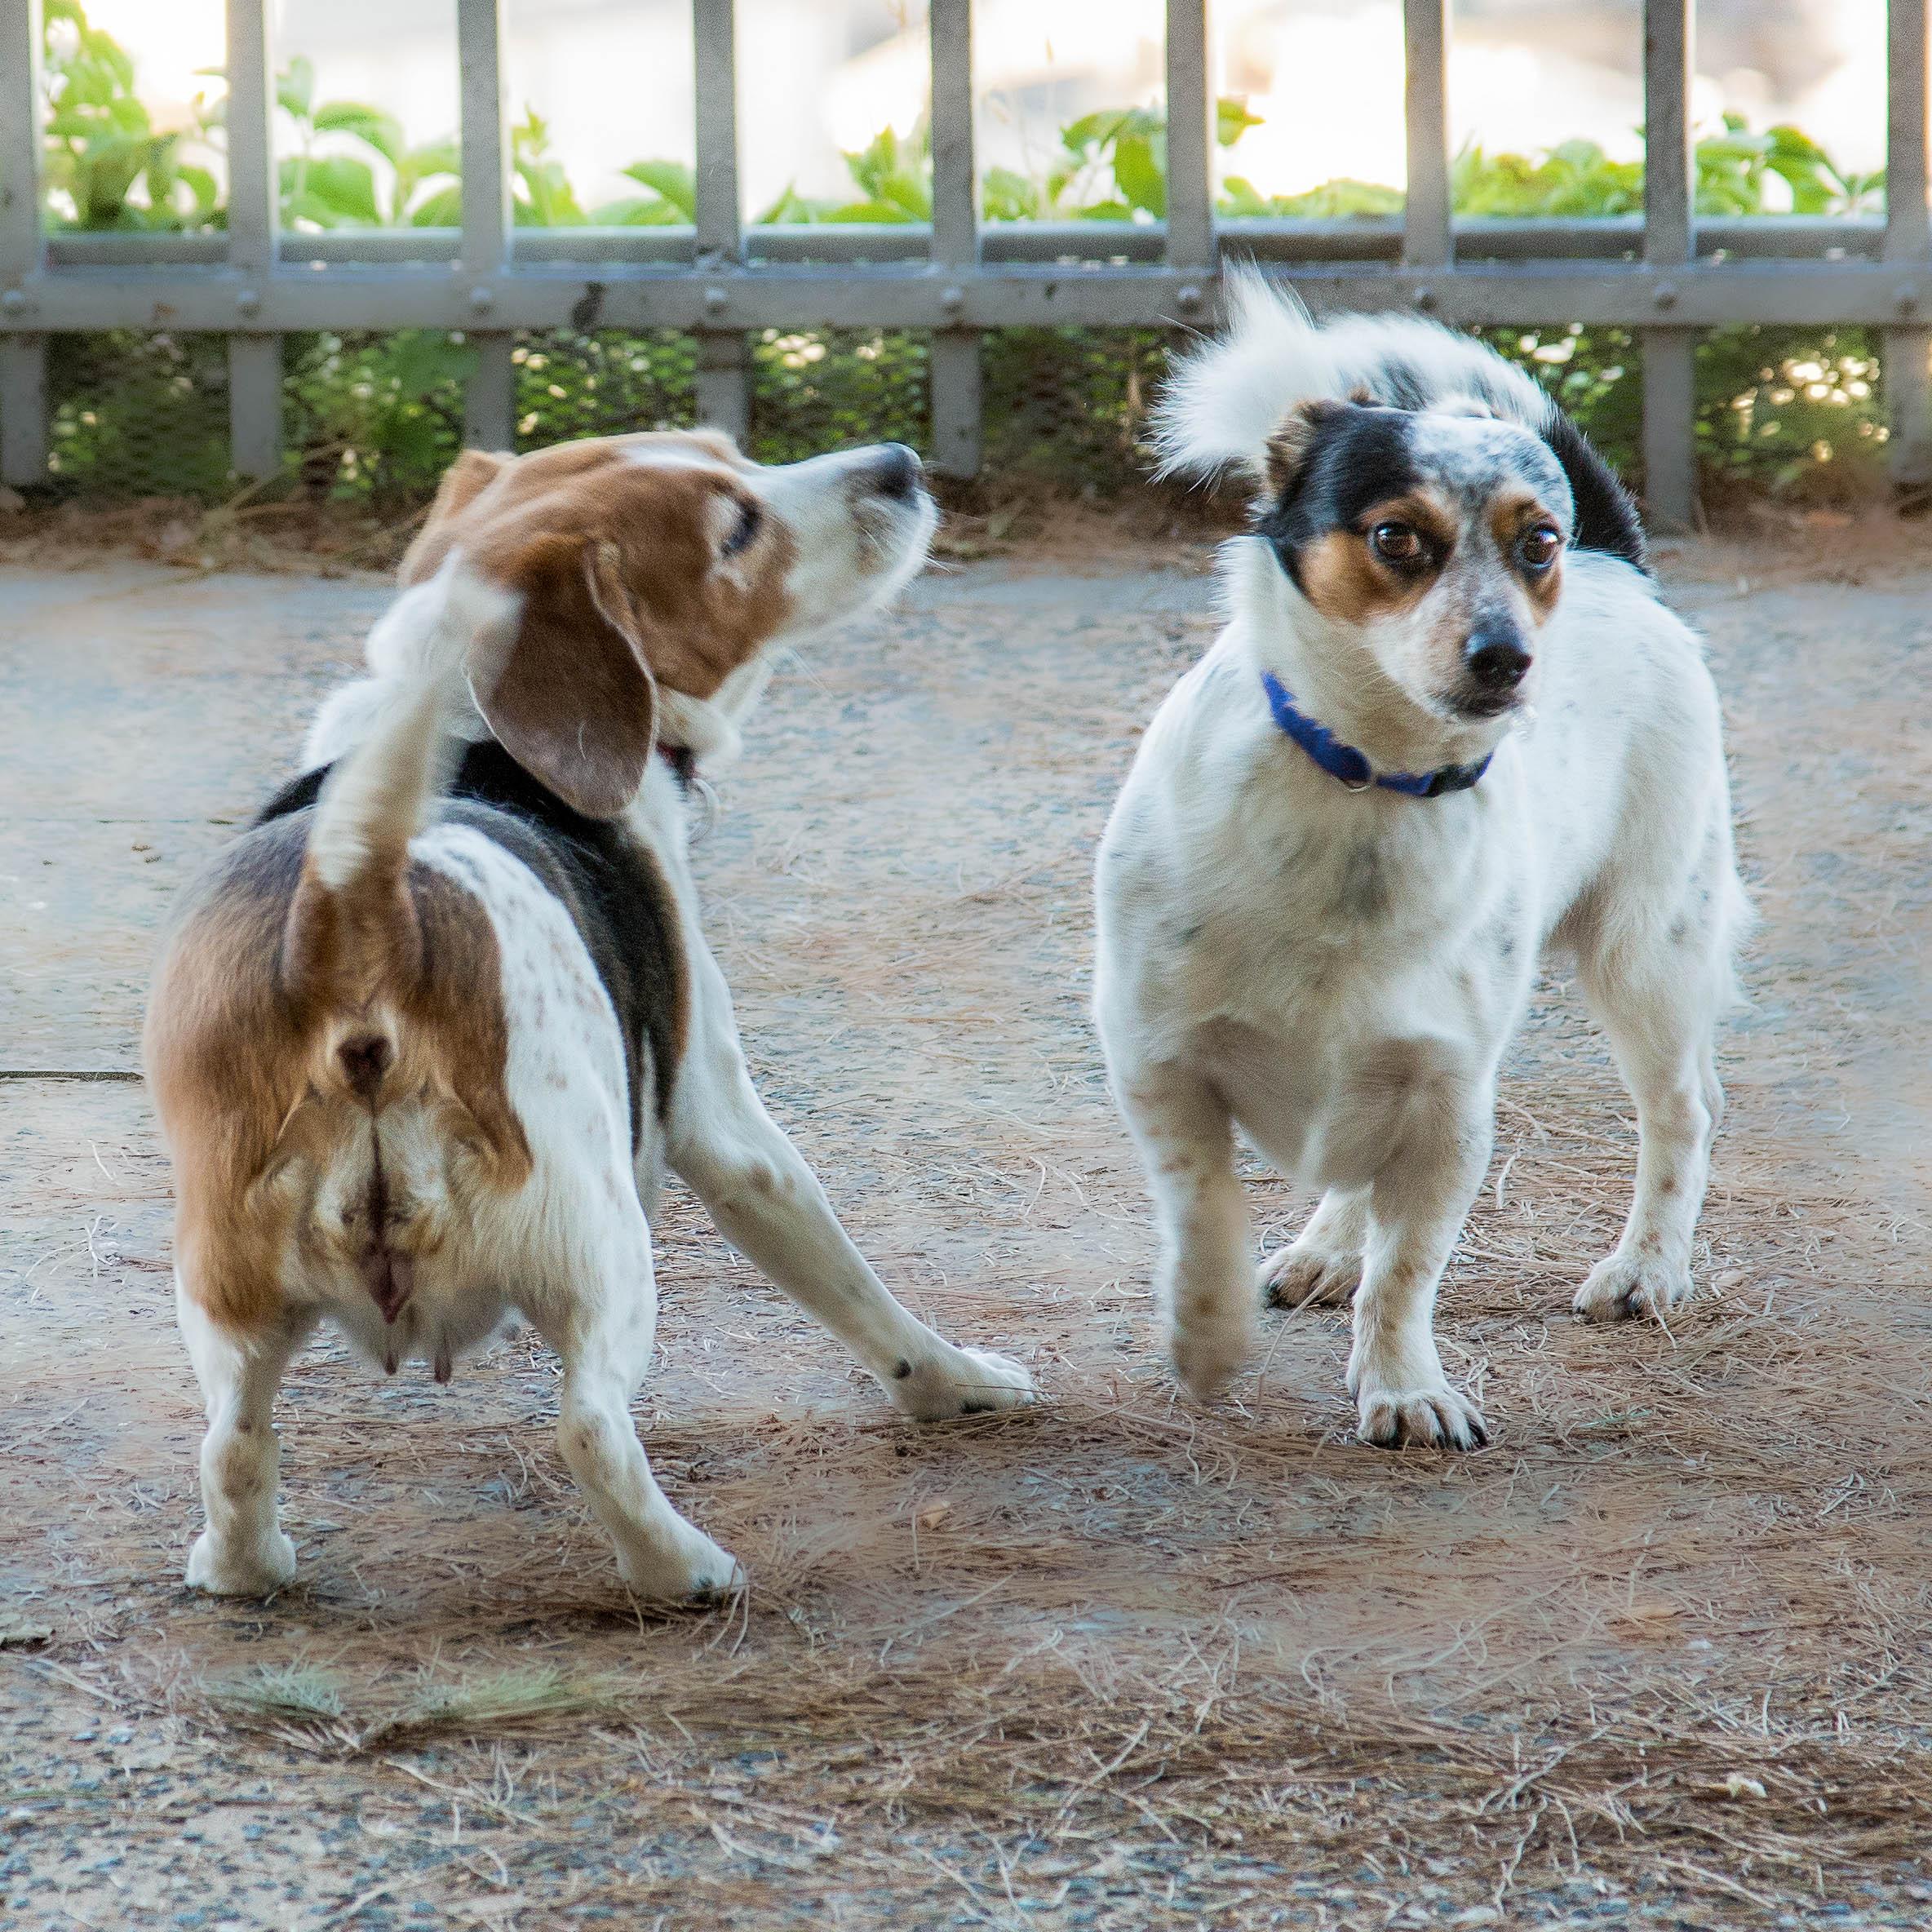 Hundebegegnung von zwei kleinen Hunden - Körpersprache Hund